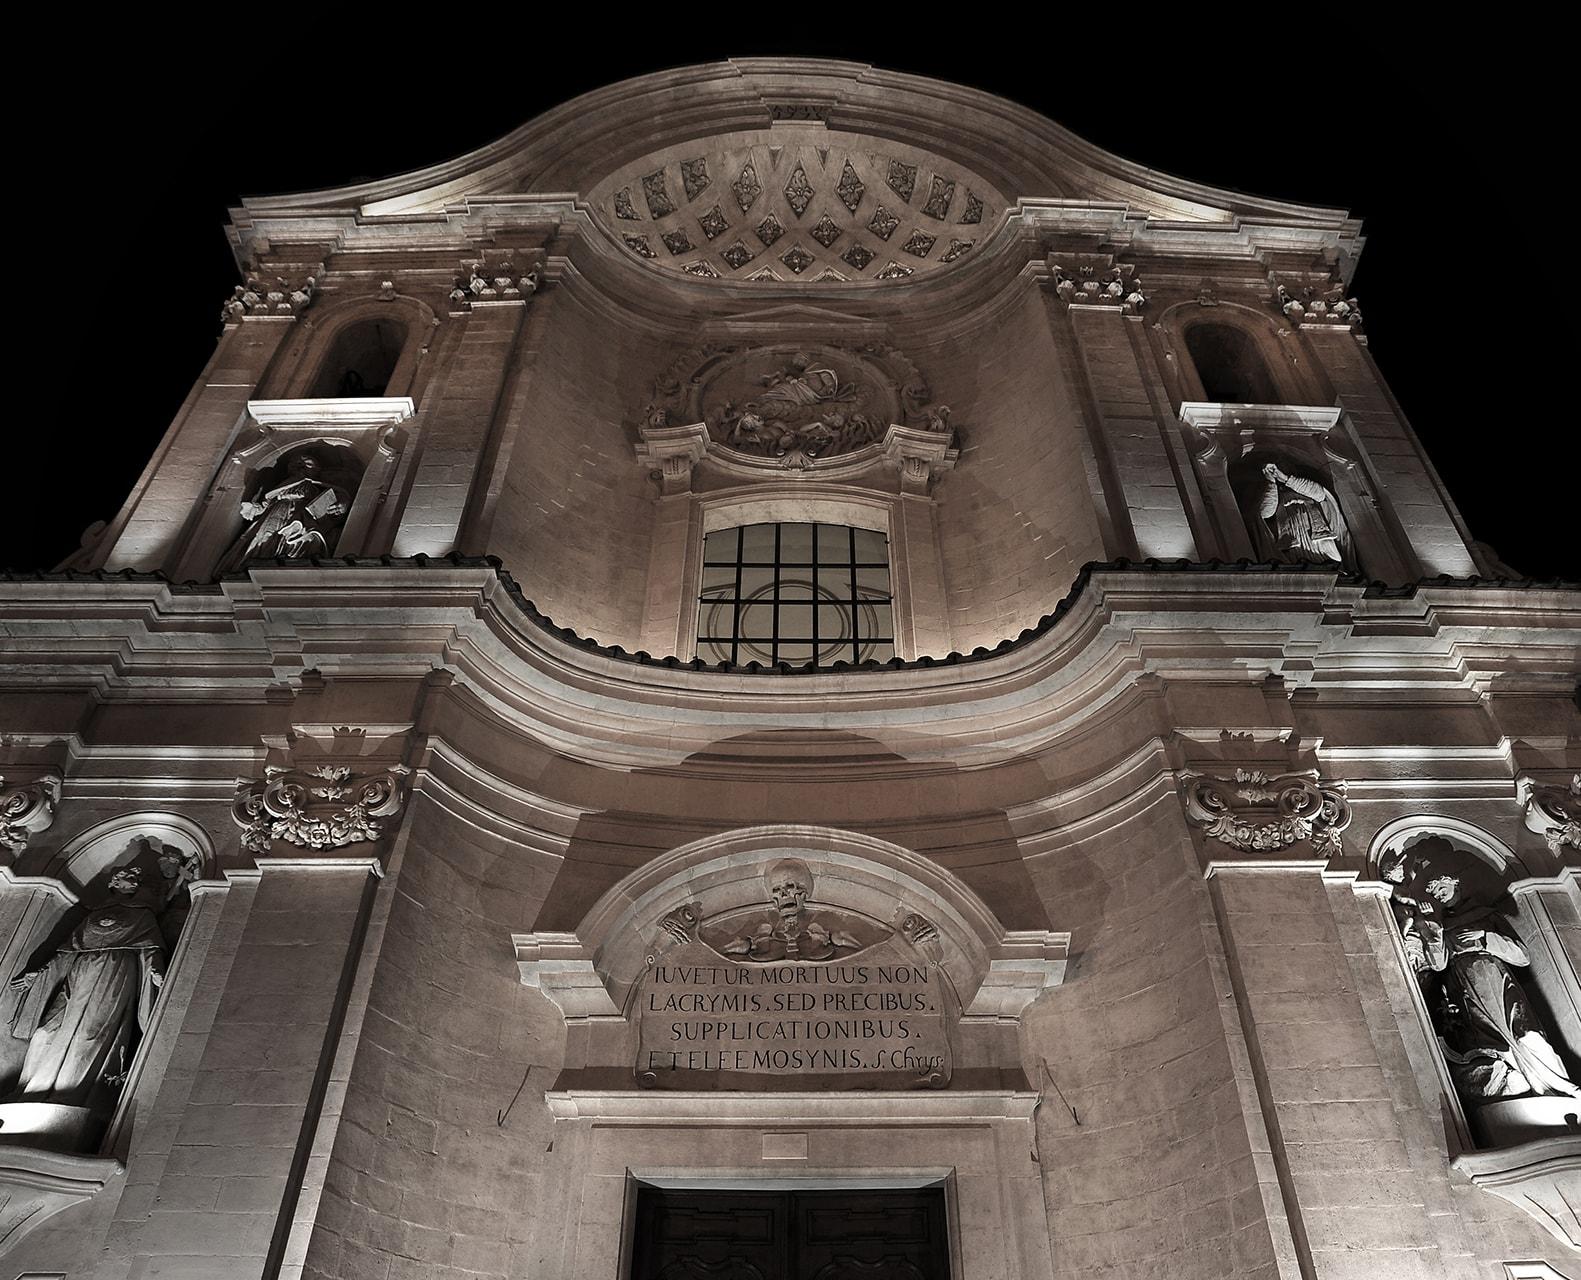 chiesa-santa-maria-suffragio-anime-sante-laquila-abruzzo-immagine-restauro-organo-21